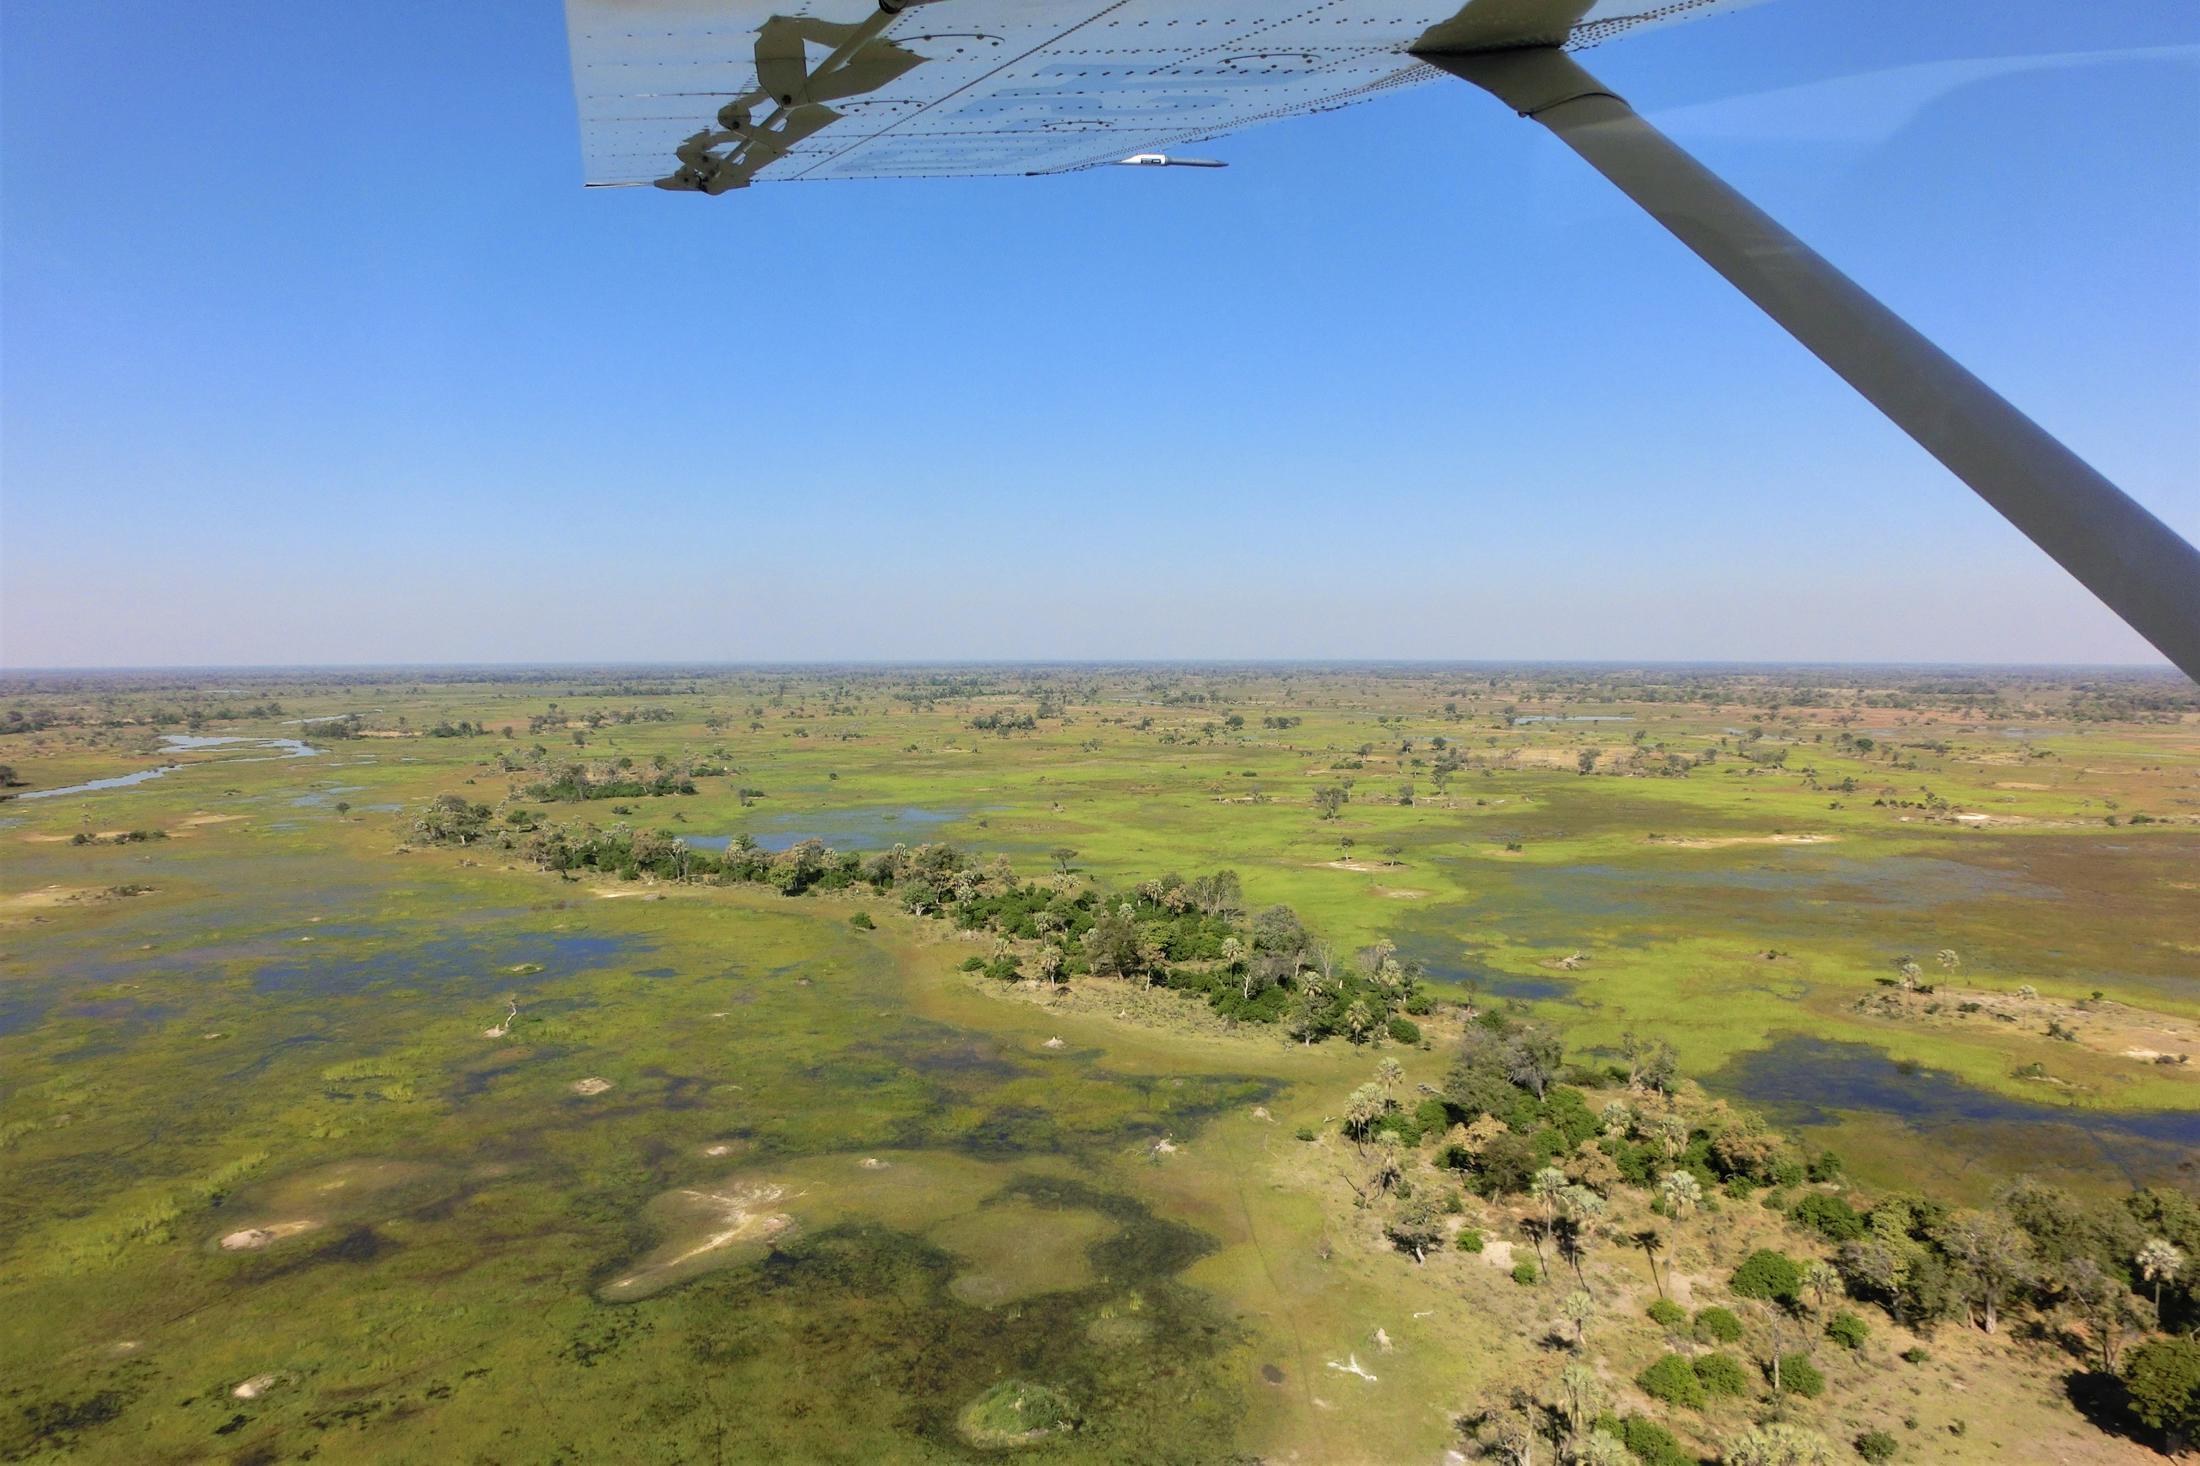 Luxe Reizen Botswana - Uitzicht over de Okavango Delta vanuit vliegtuigje